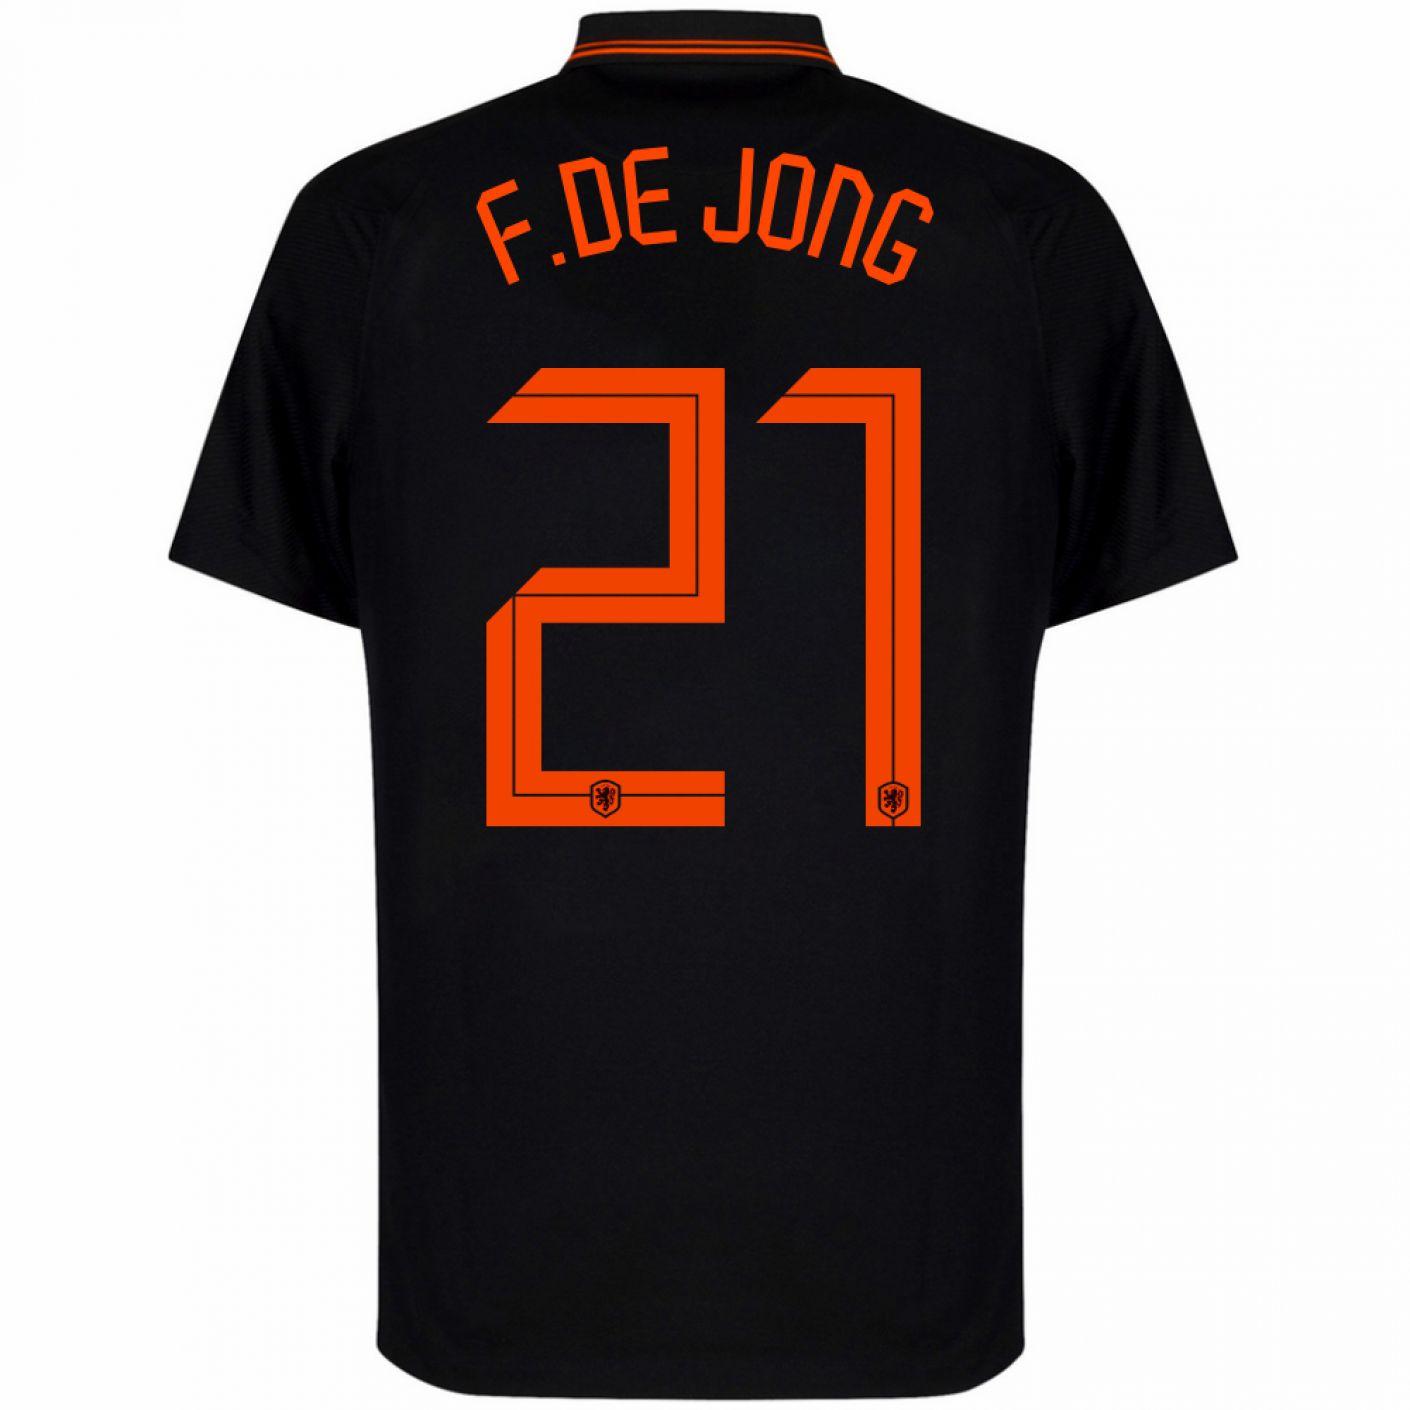 Nike Nederland F. de Jong 21 Uitshirt 2020-2022 Kids